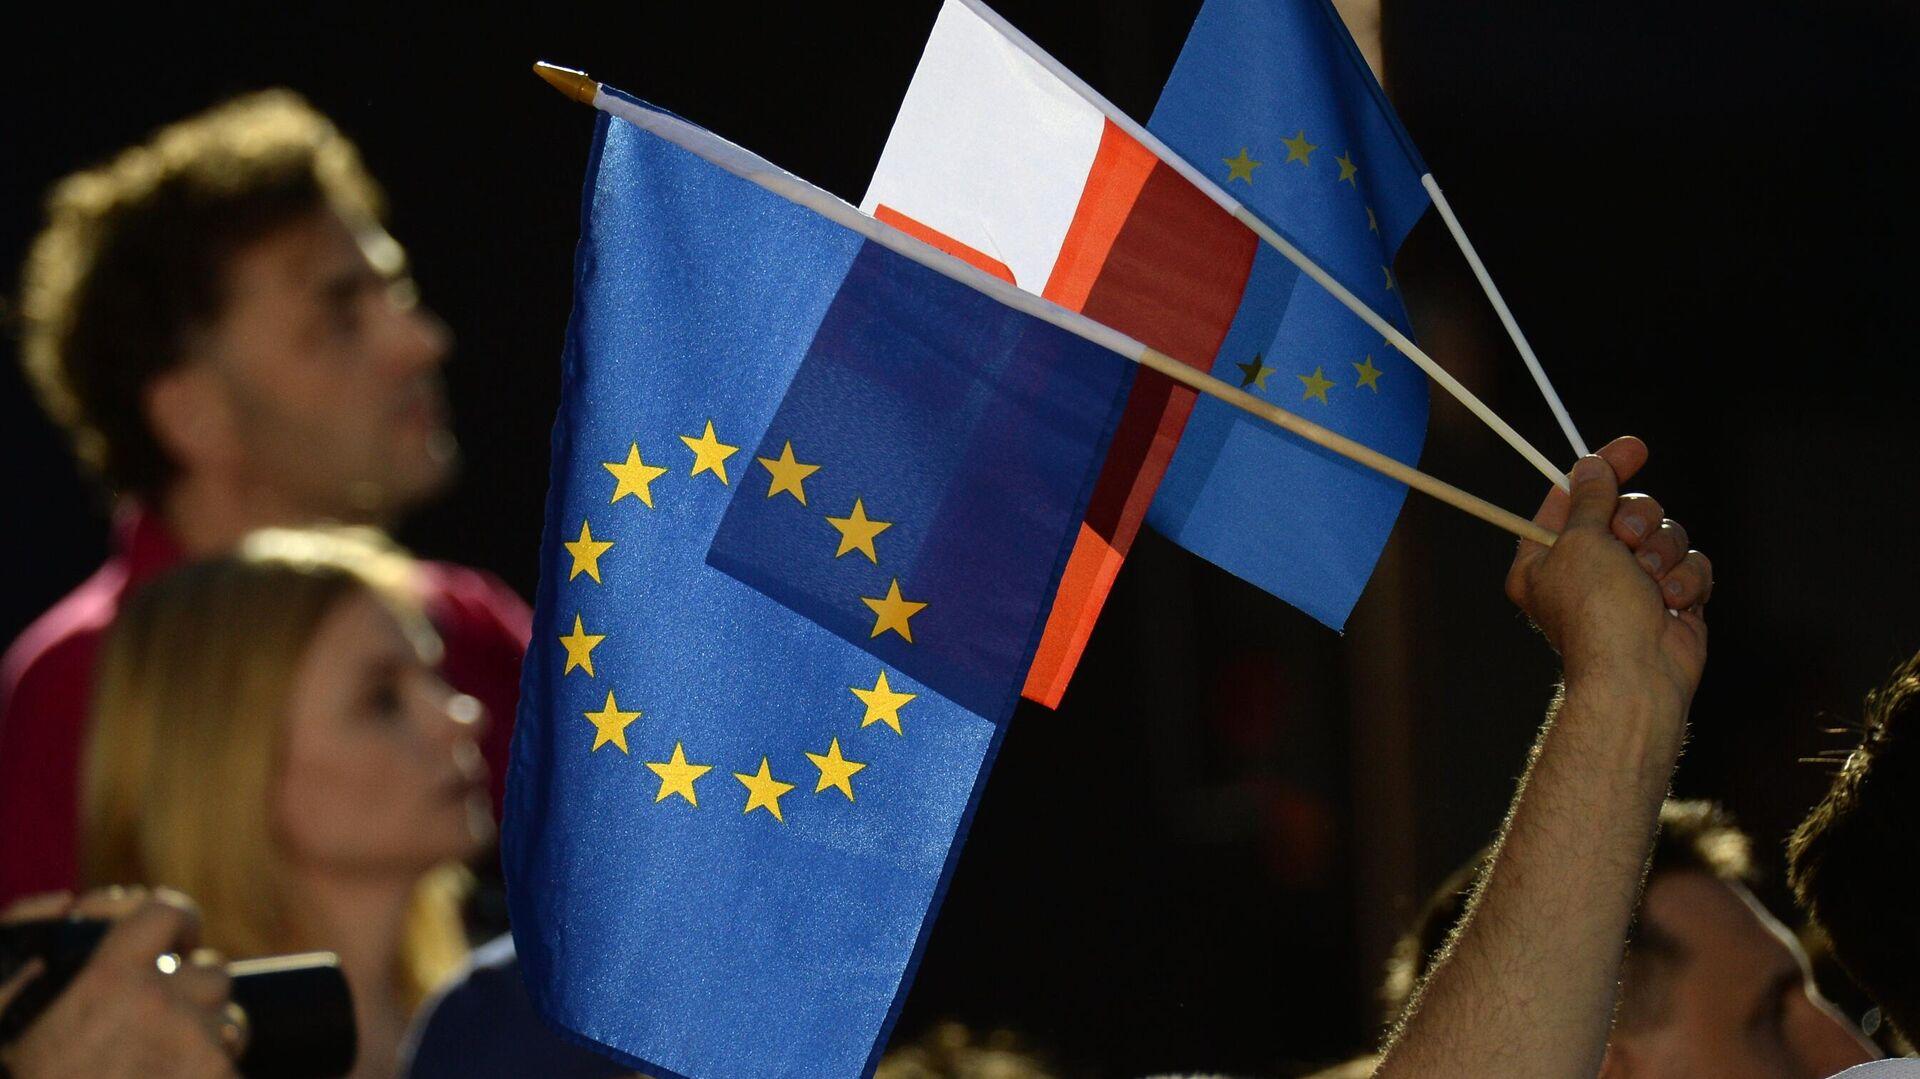 Люди с флагами Евросоюза и Польши в Варшаве - РИА Новости, 1920, 15.09.2021